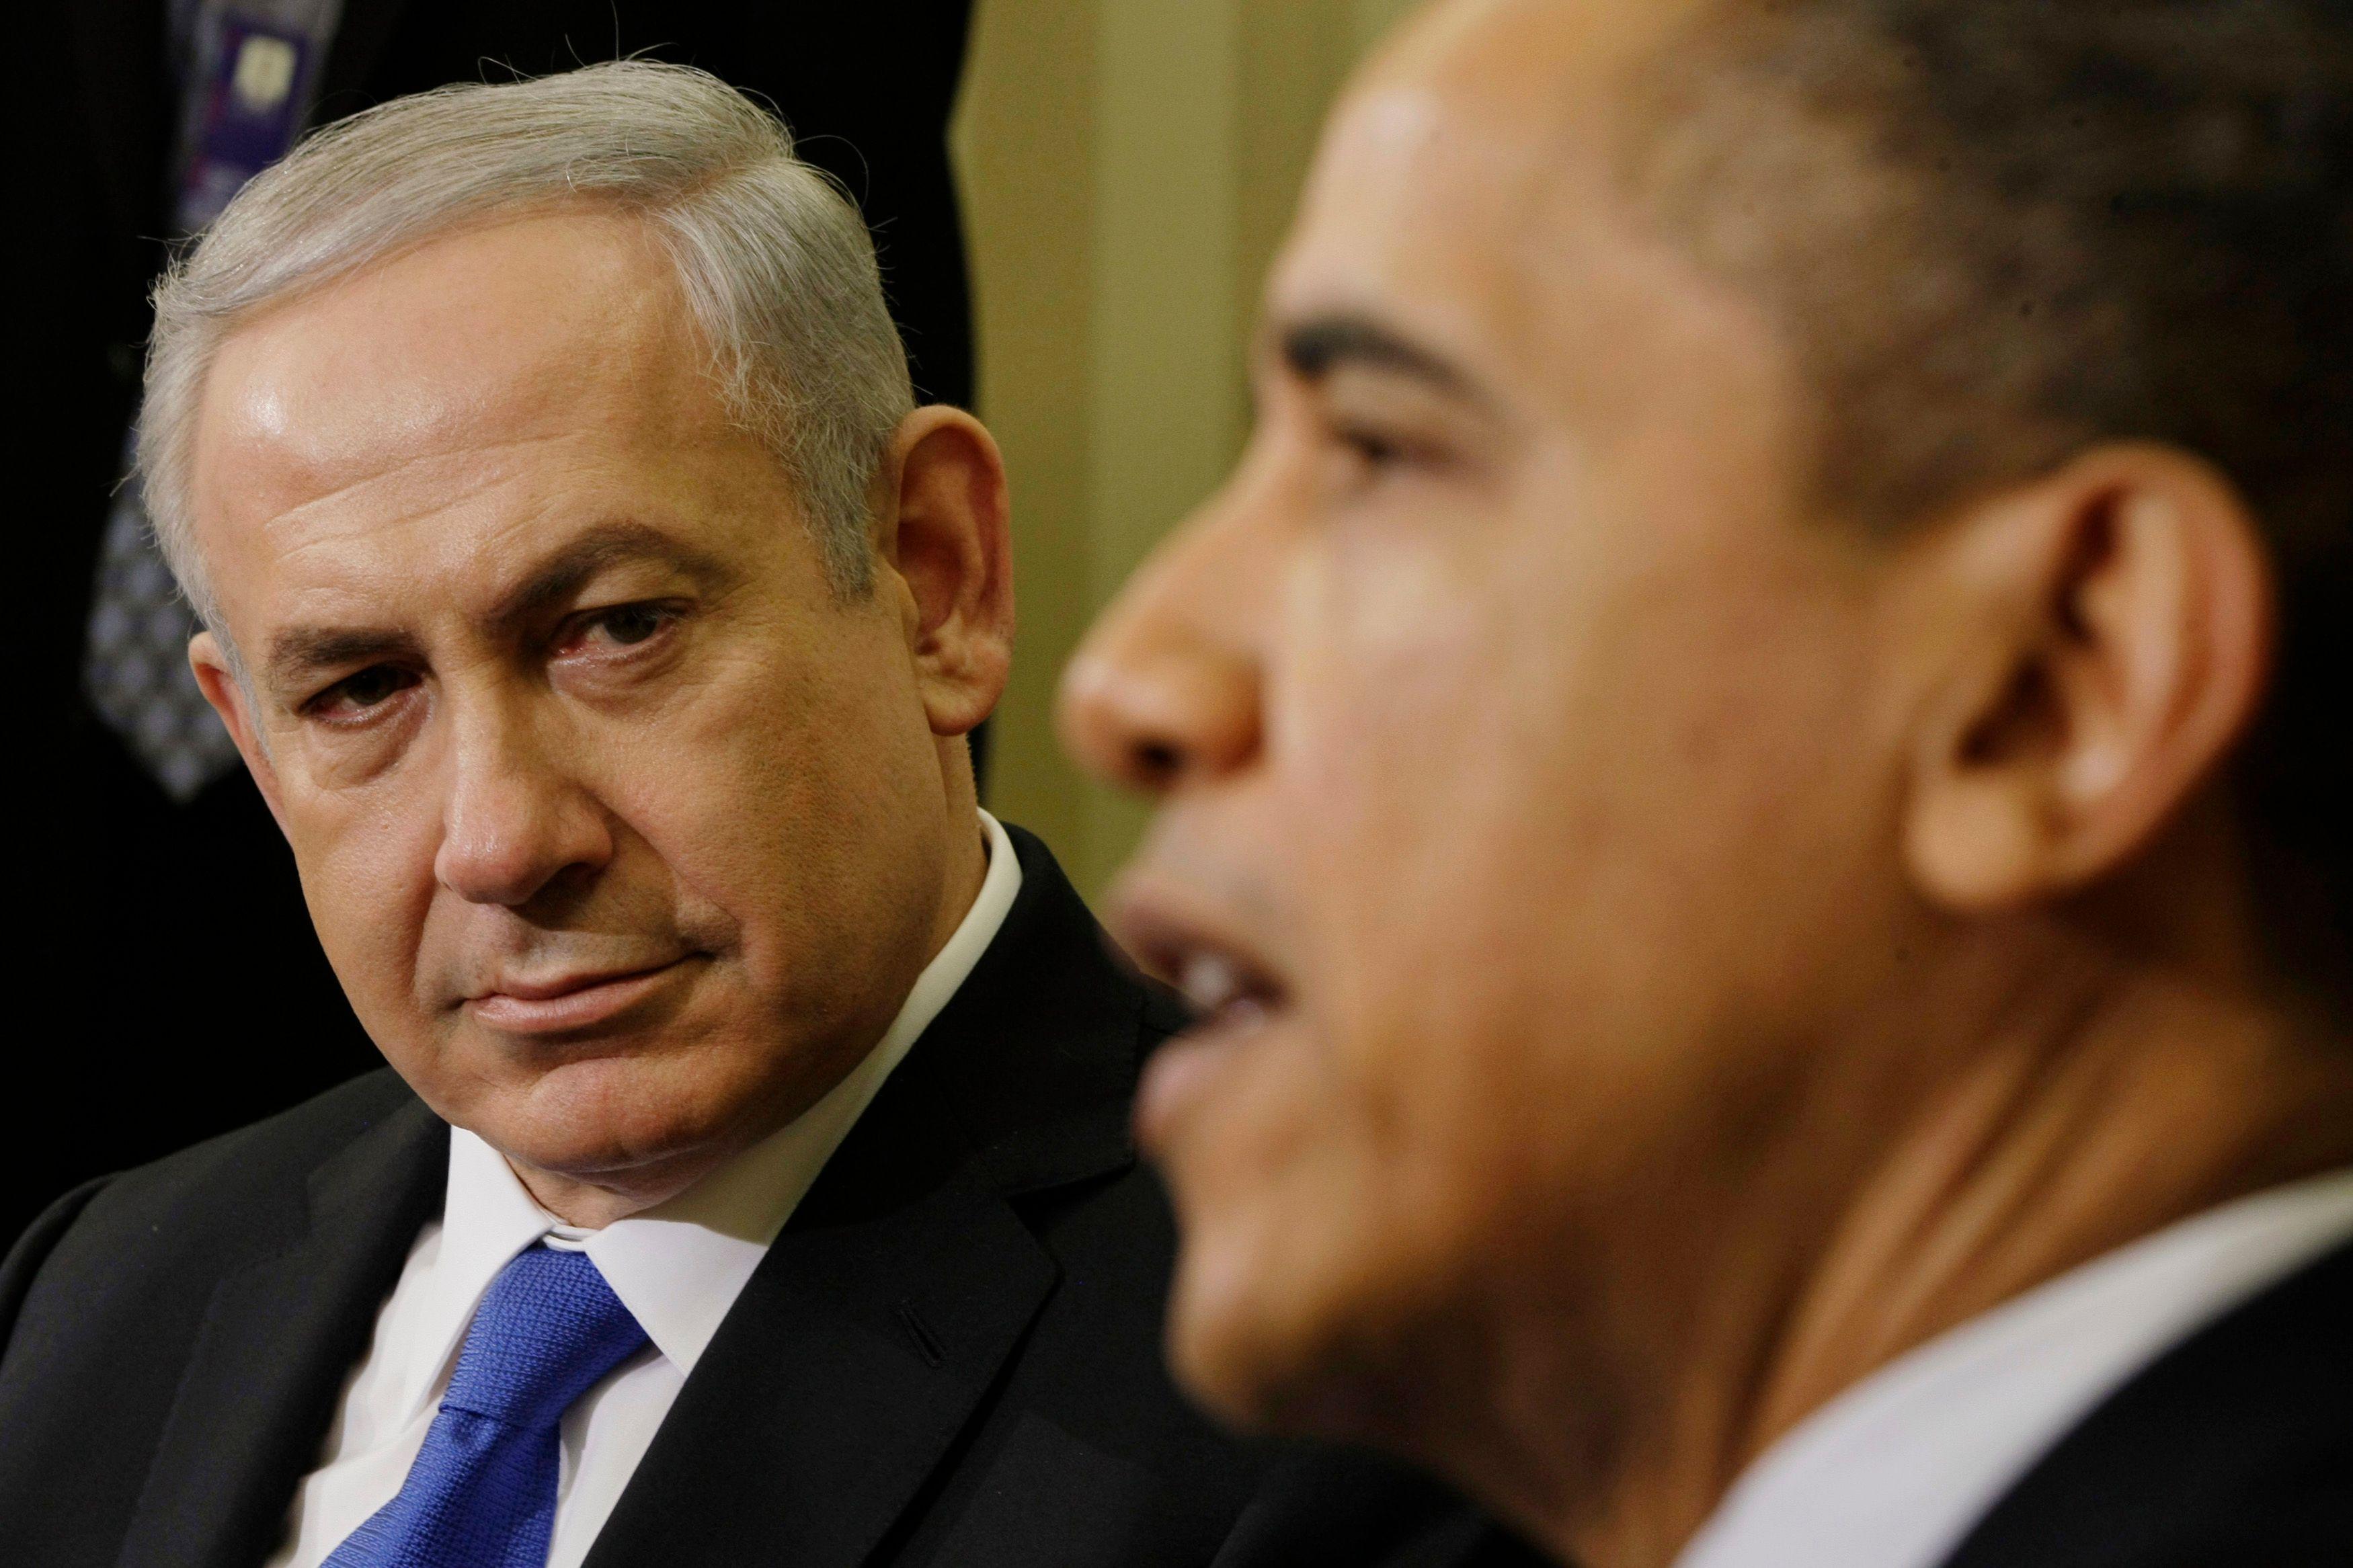 """Résolution sur Israël : une décision """"honteuse"""" affirme Benyamin Nétanyahou"""